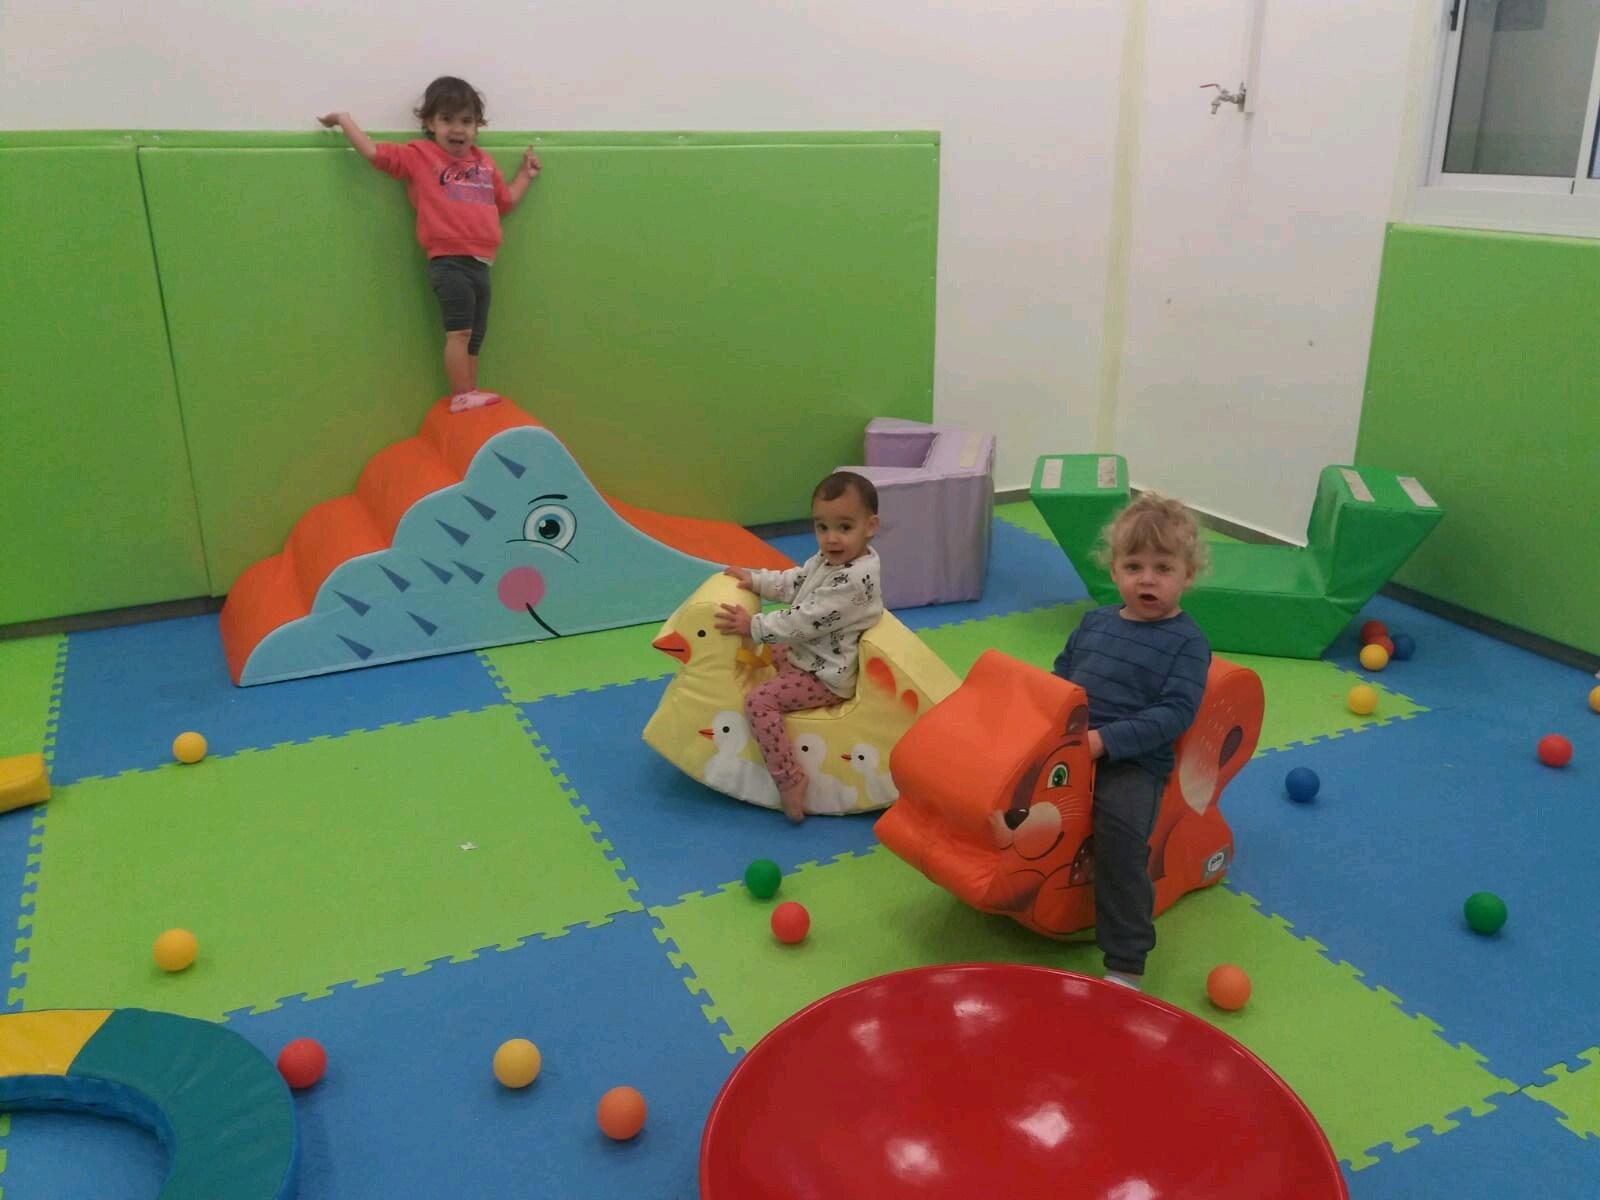 Gymboree in Leshem